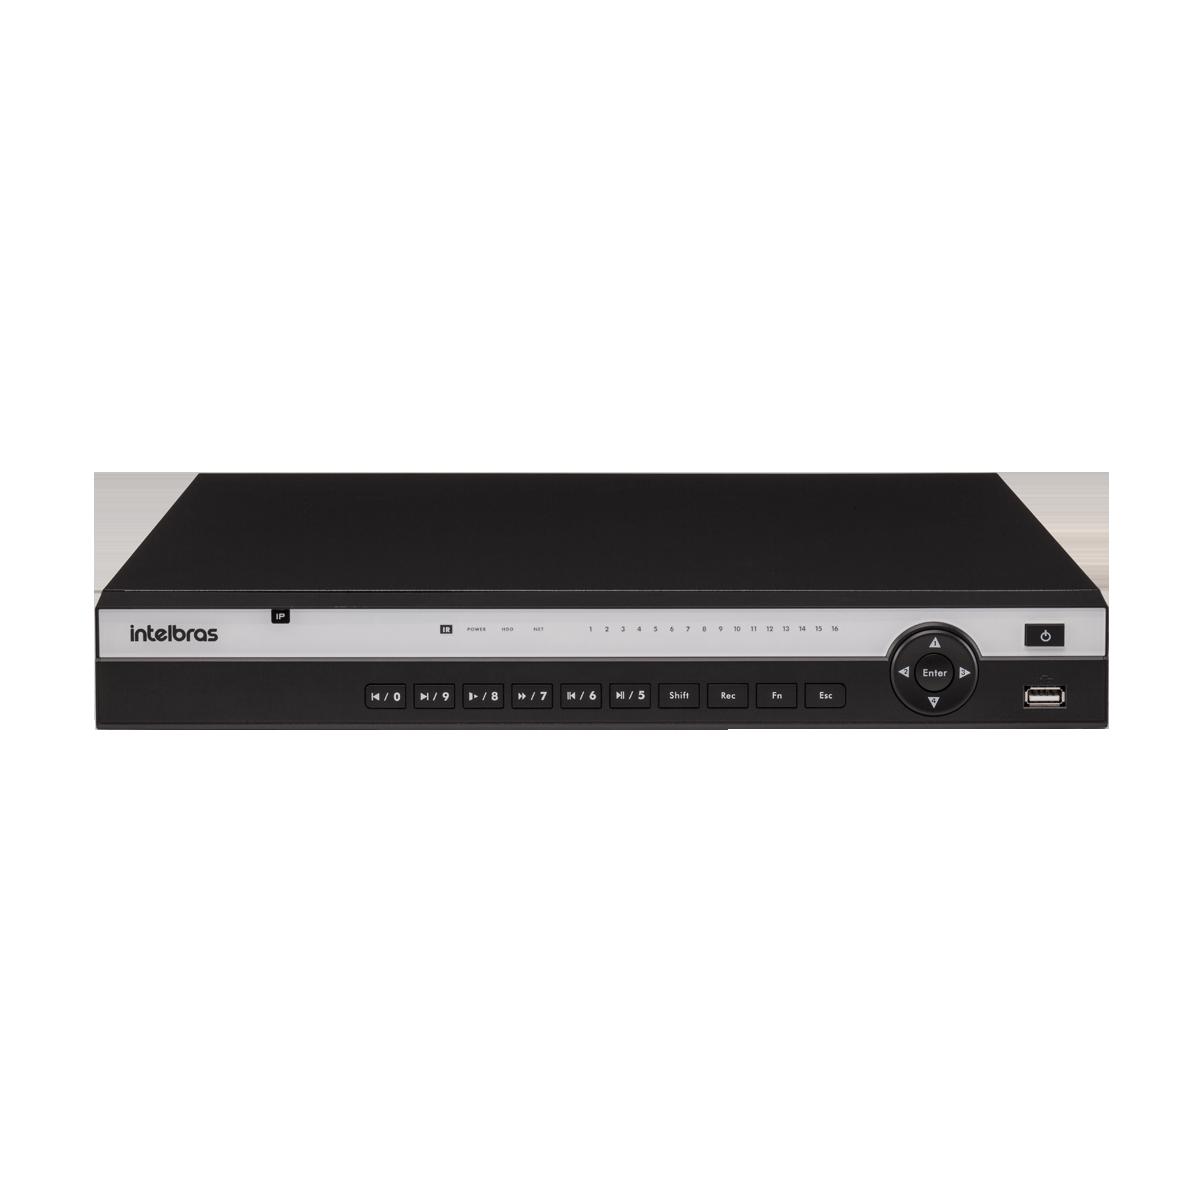 NVD 1316 C/ HD 2TB - GRAV. DIG. DE VÍDEO EM REDE PARA ATÉ 16 CANAIS IP, H.265, SUPORTA RESOLUÇÃO ATÉ 8MP, HD de 2TB instalado - PRODUÇÃO CUSTOMIZADA COM ENTREGA EM ATÉ 45 DIAS  - Sandercomp Virtual